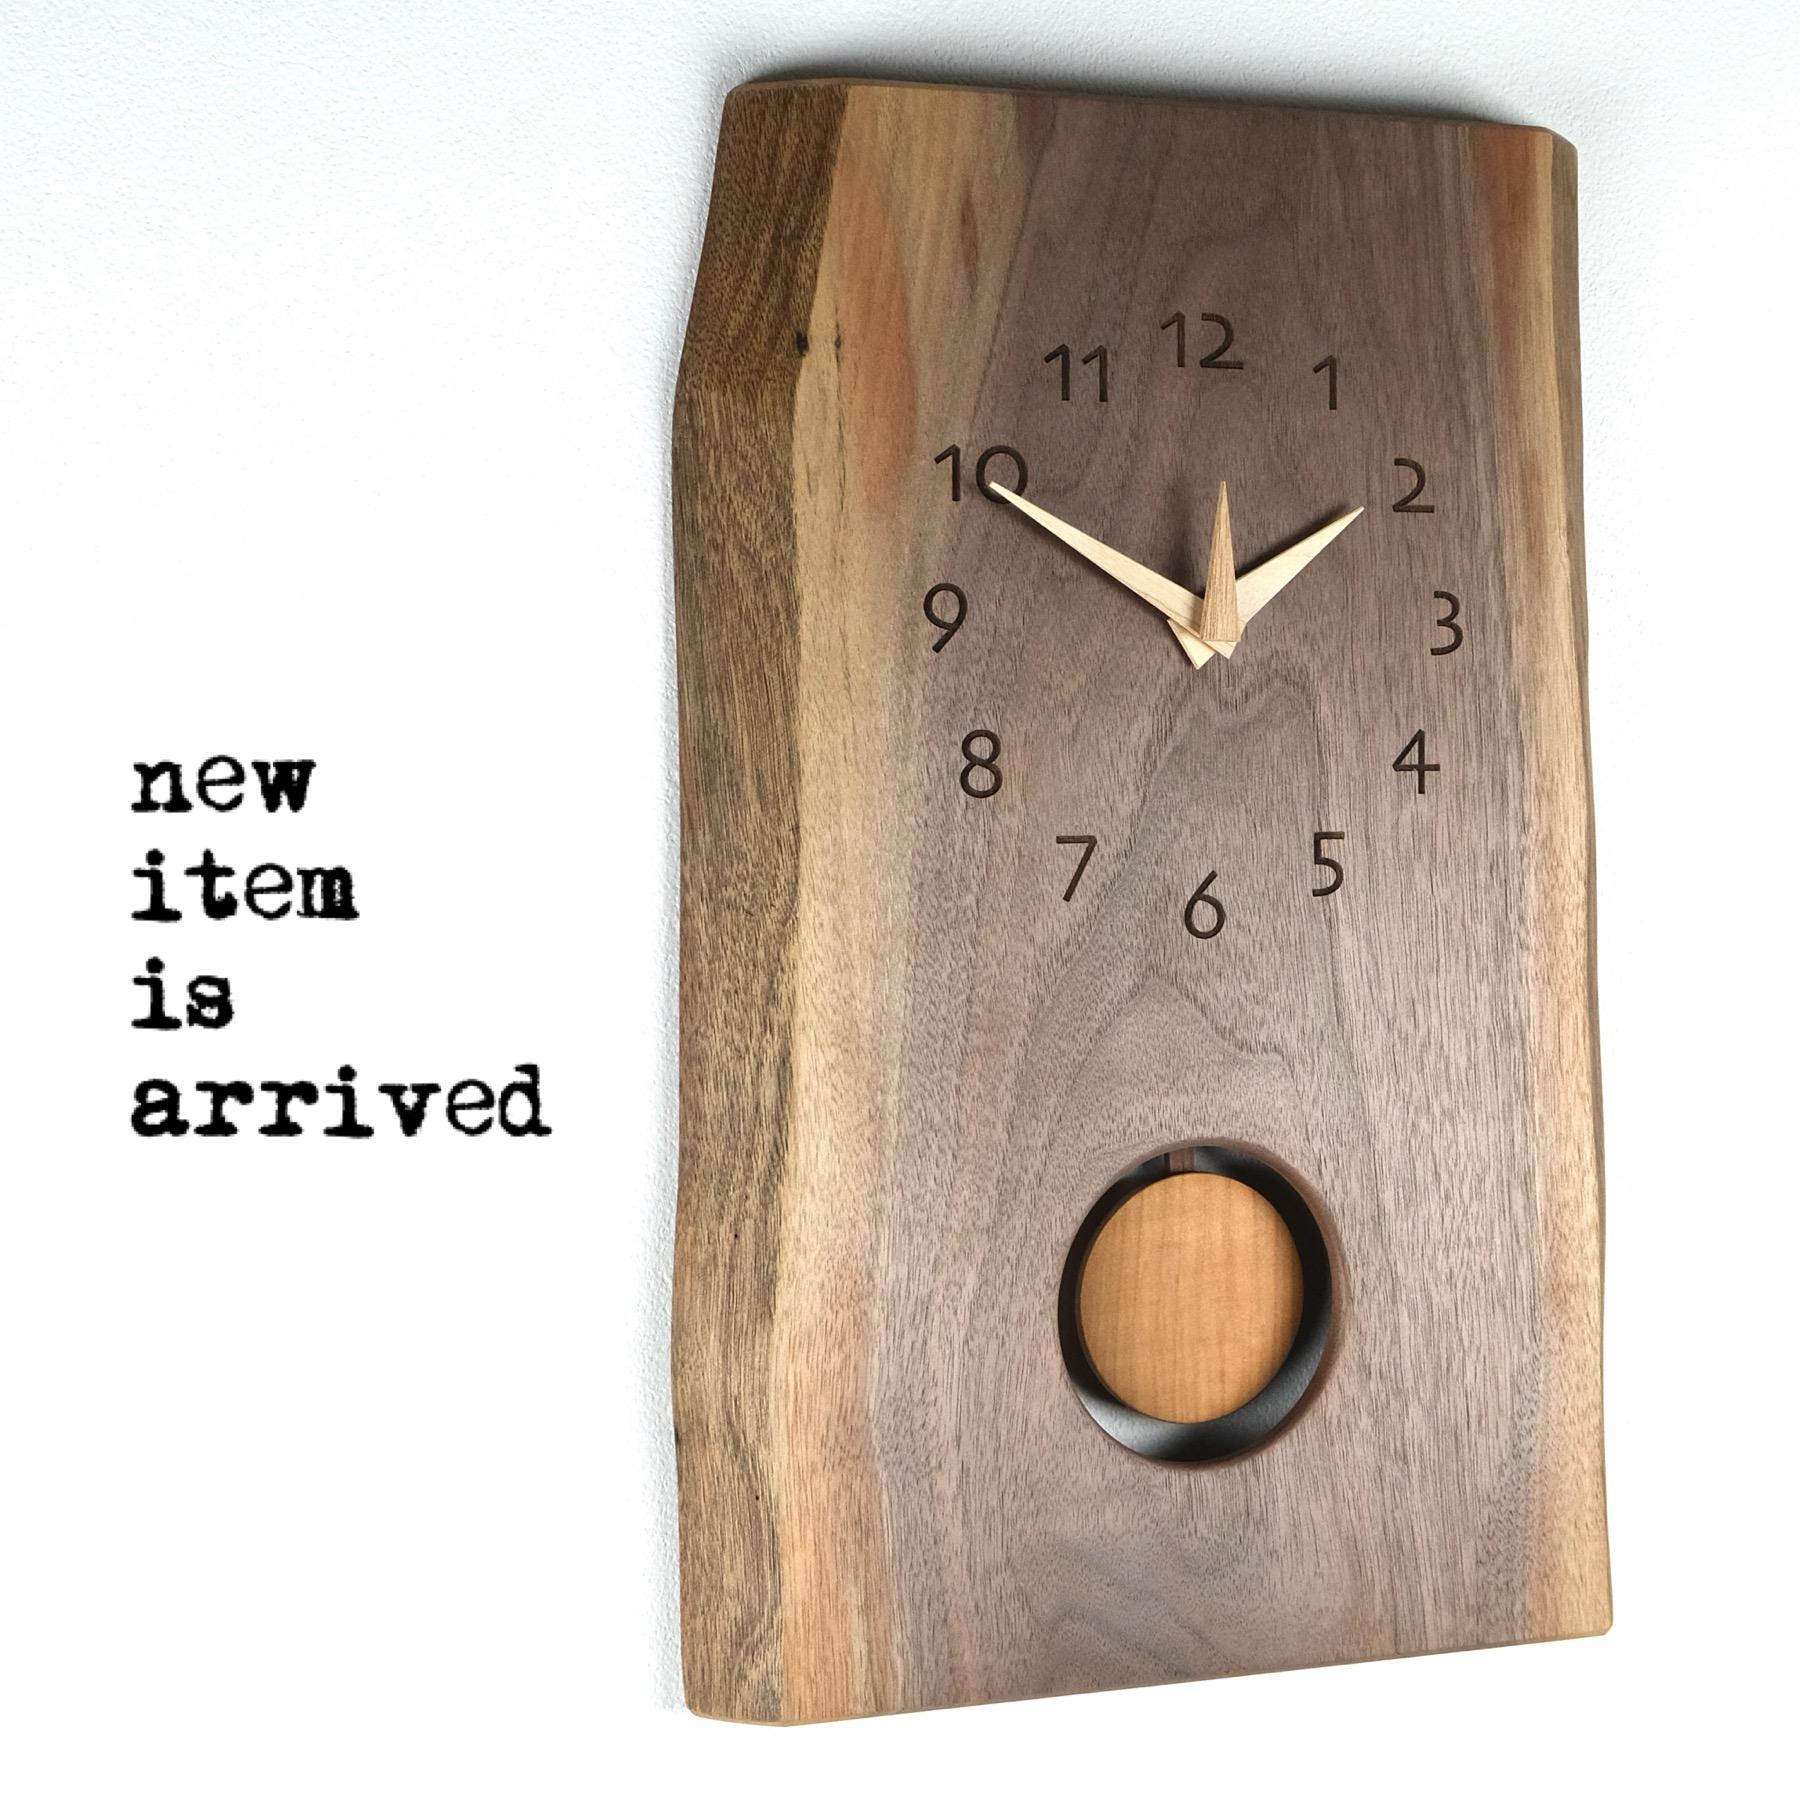 新作振り子時計入荷しました!